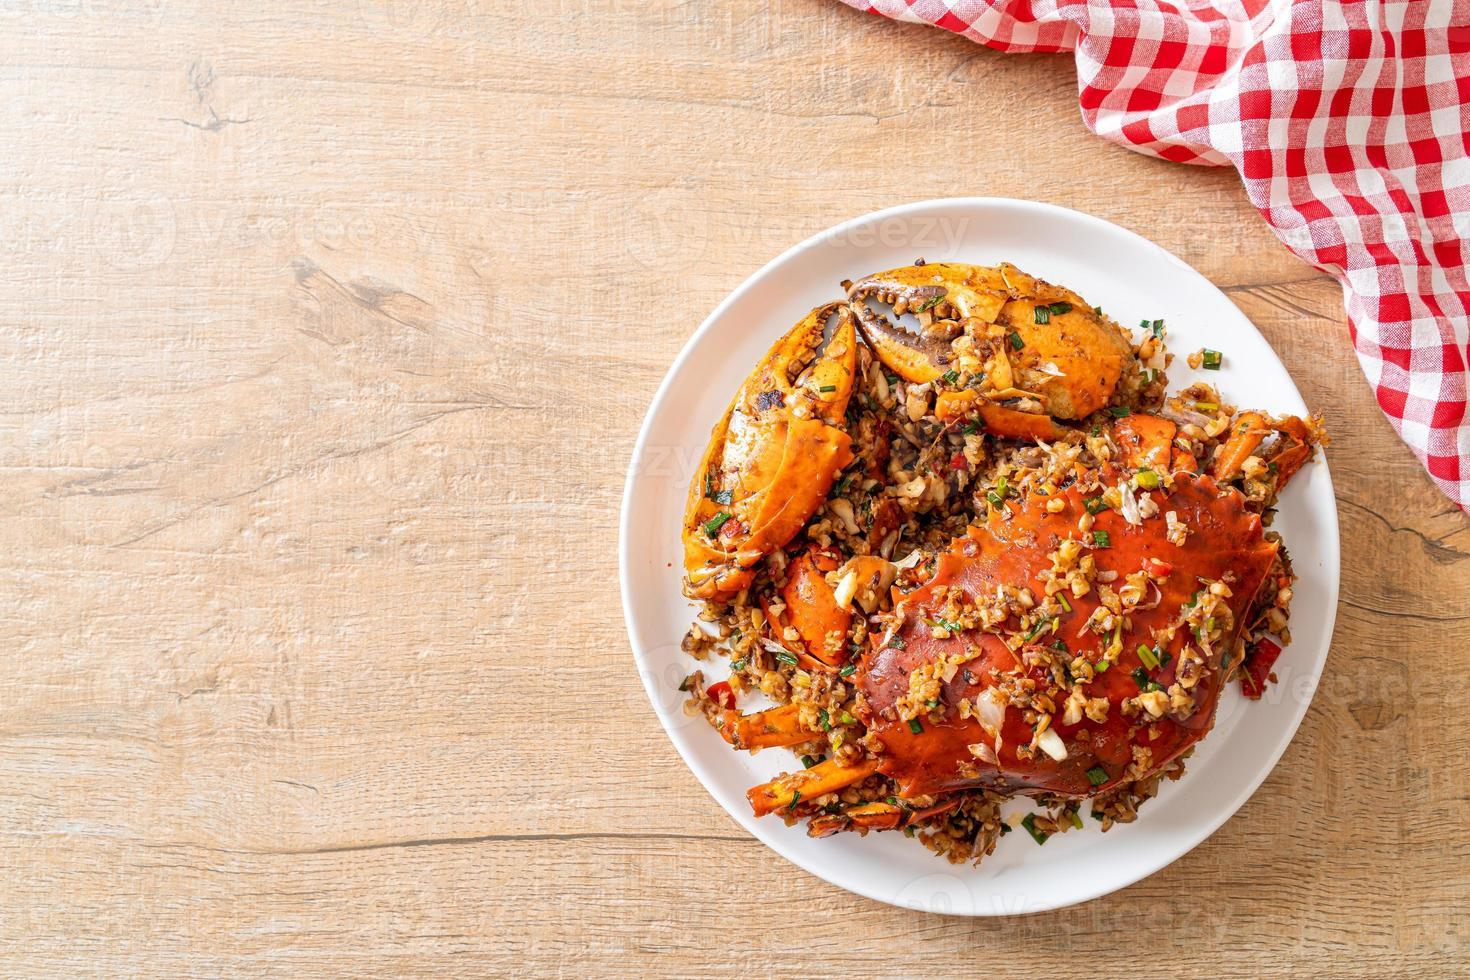 crabe sauté avec sel et poivre épicé photo